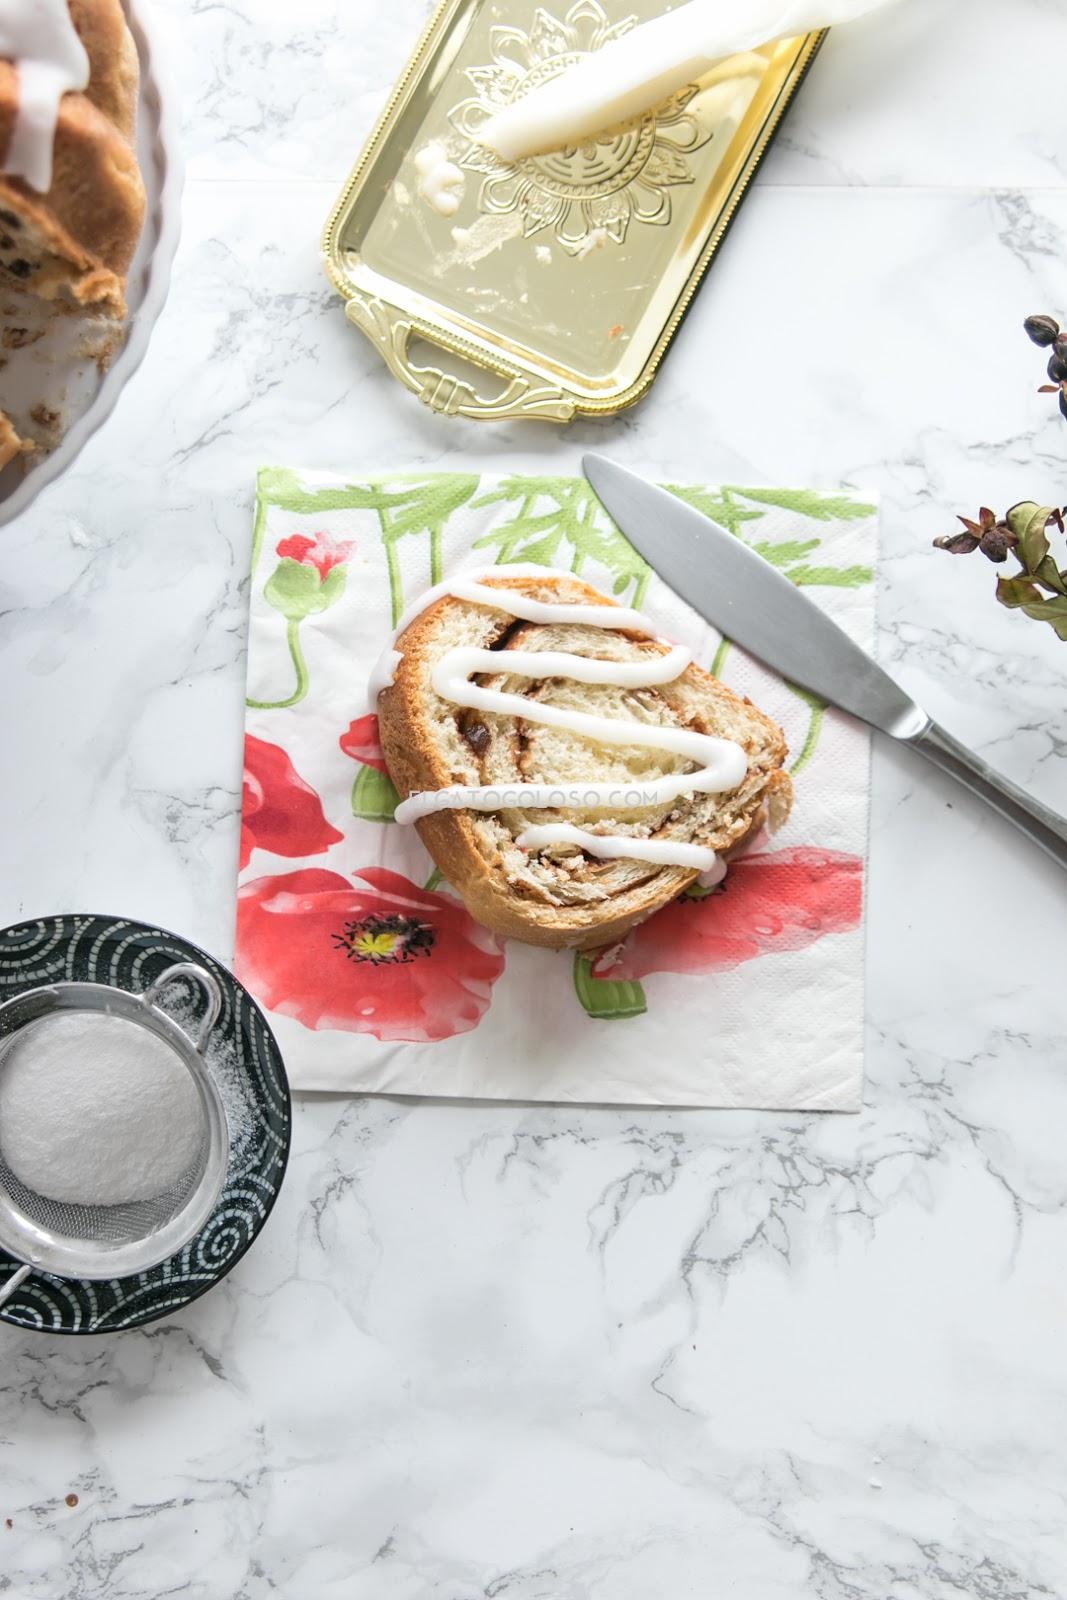 Aprende cómo hacer un pan hermoso y fácil, ideal para el desayuno o la merienda. Un pan relleno con canela, cacao y frutos confitados. Delicioso. Receta vía www.elgatogoloso.com